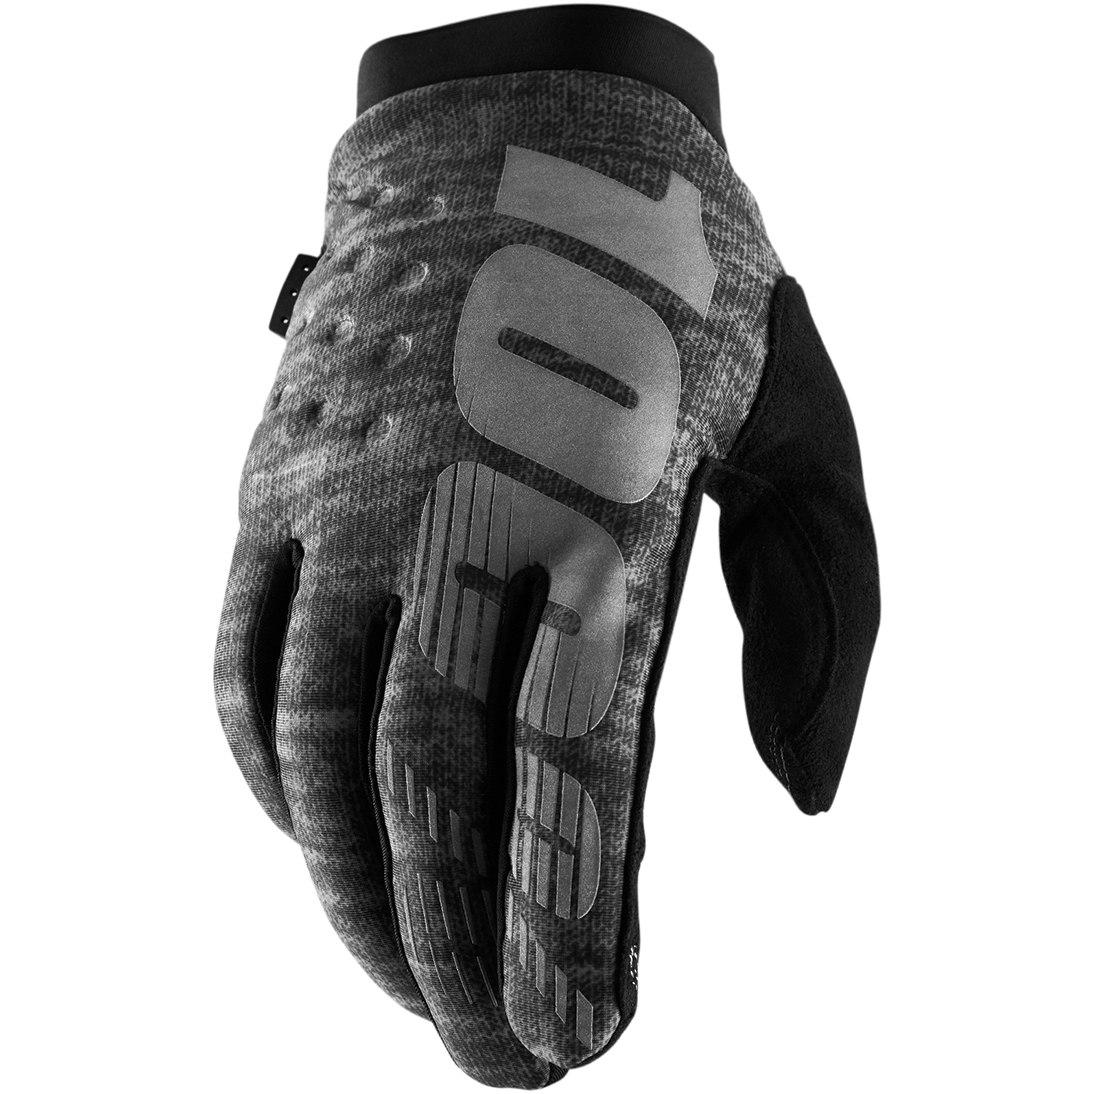 100% Brisker Cold Weather Glove - Heather Grey